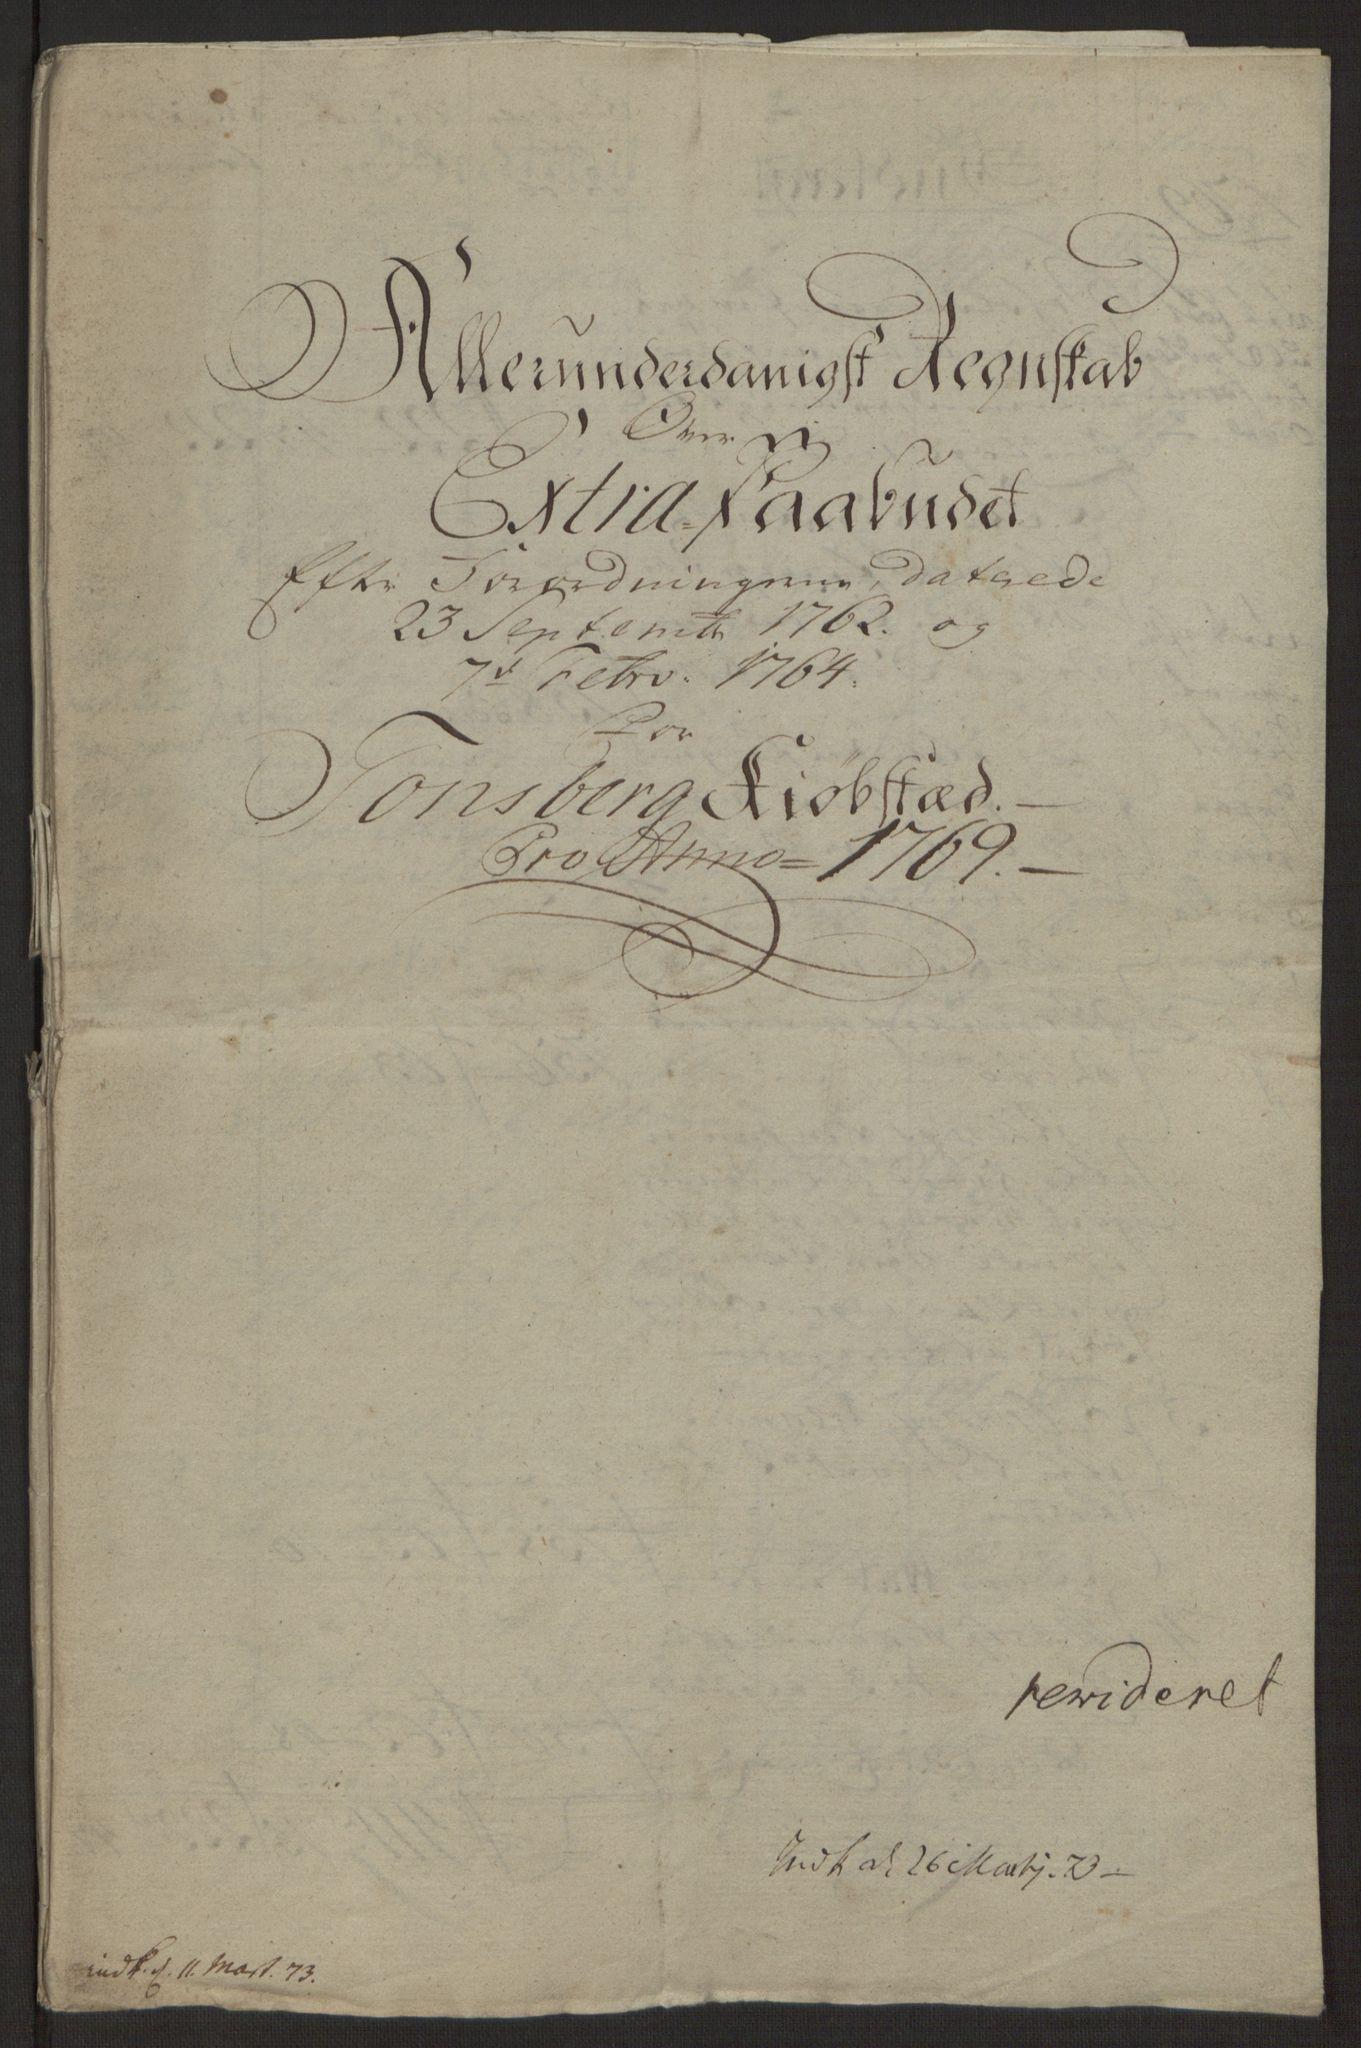 RA, Rentekammeret inntil 1814, Reviderte regnskaper, Byregnskaper, R/Rh/L0162: [H4] Kontribusjonsregnskap, 1762-1772, s. 351